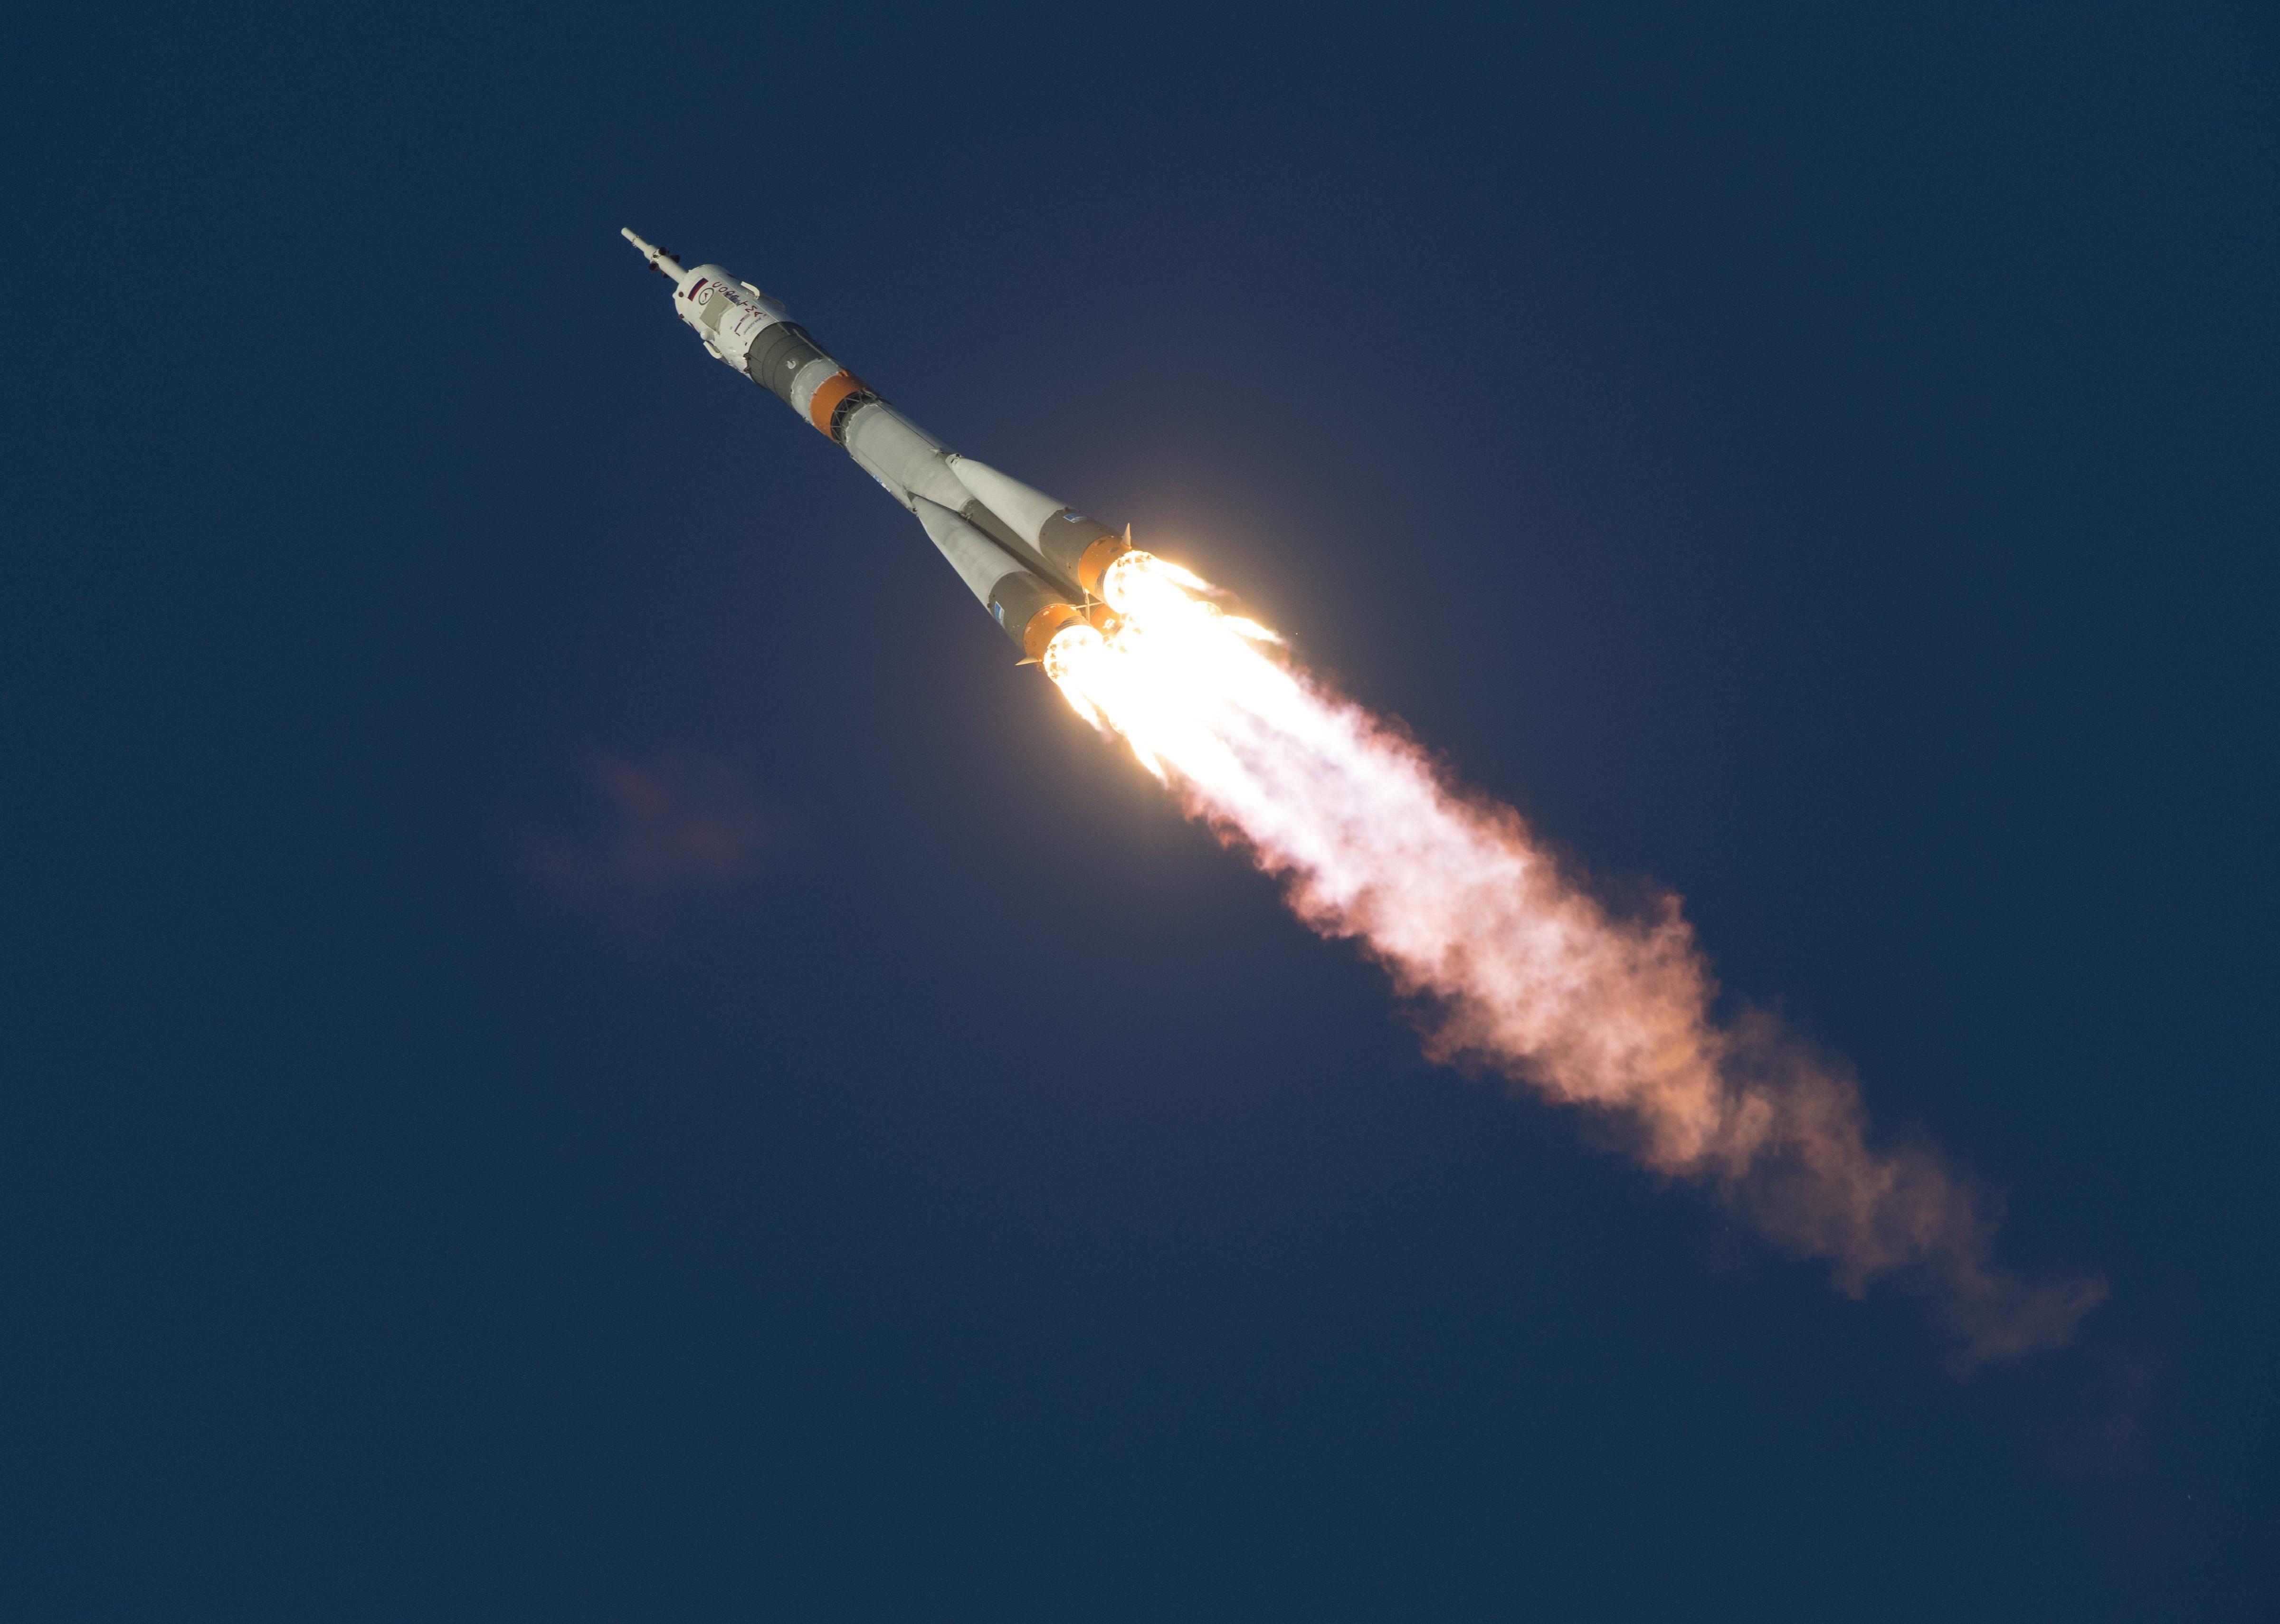 Rosyjski satelita pogodowy w drodze na orbitę. Zobacz zdjęcia ze startu